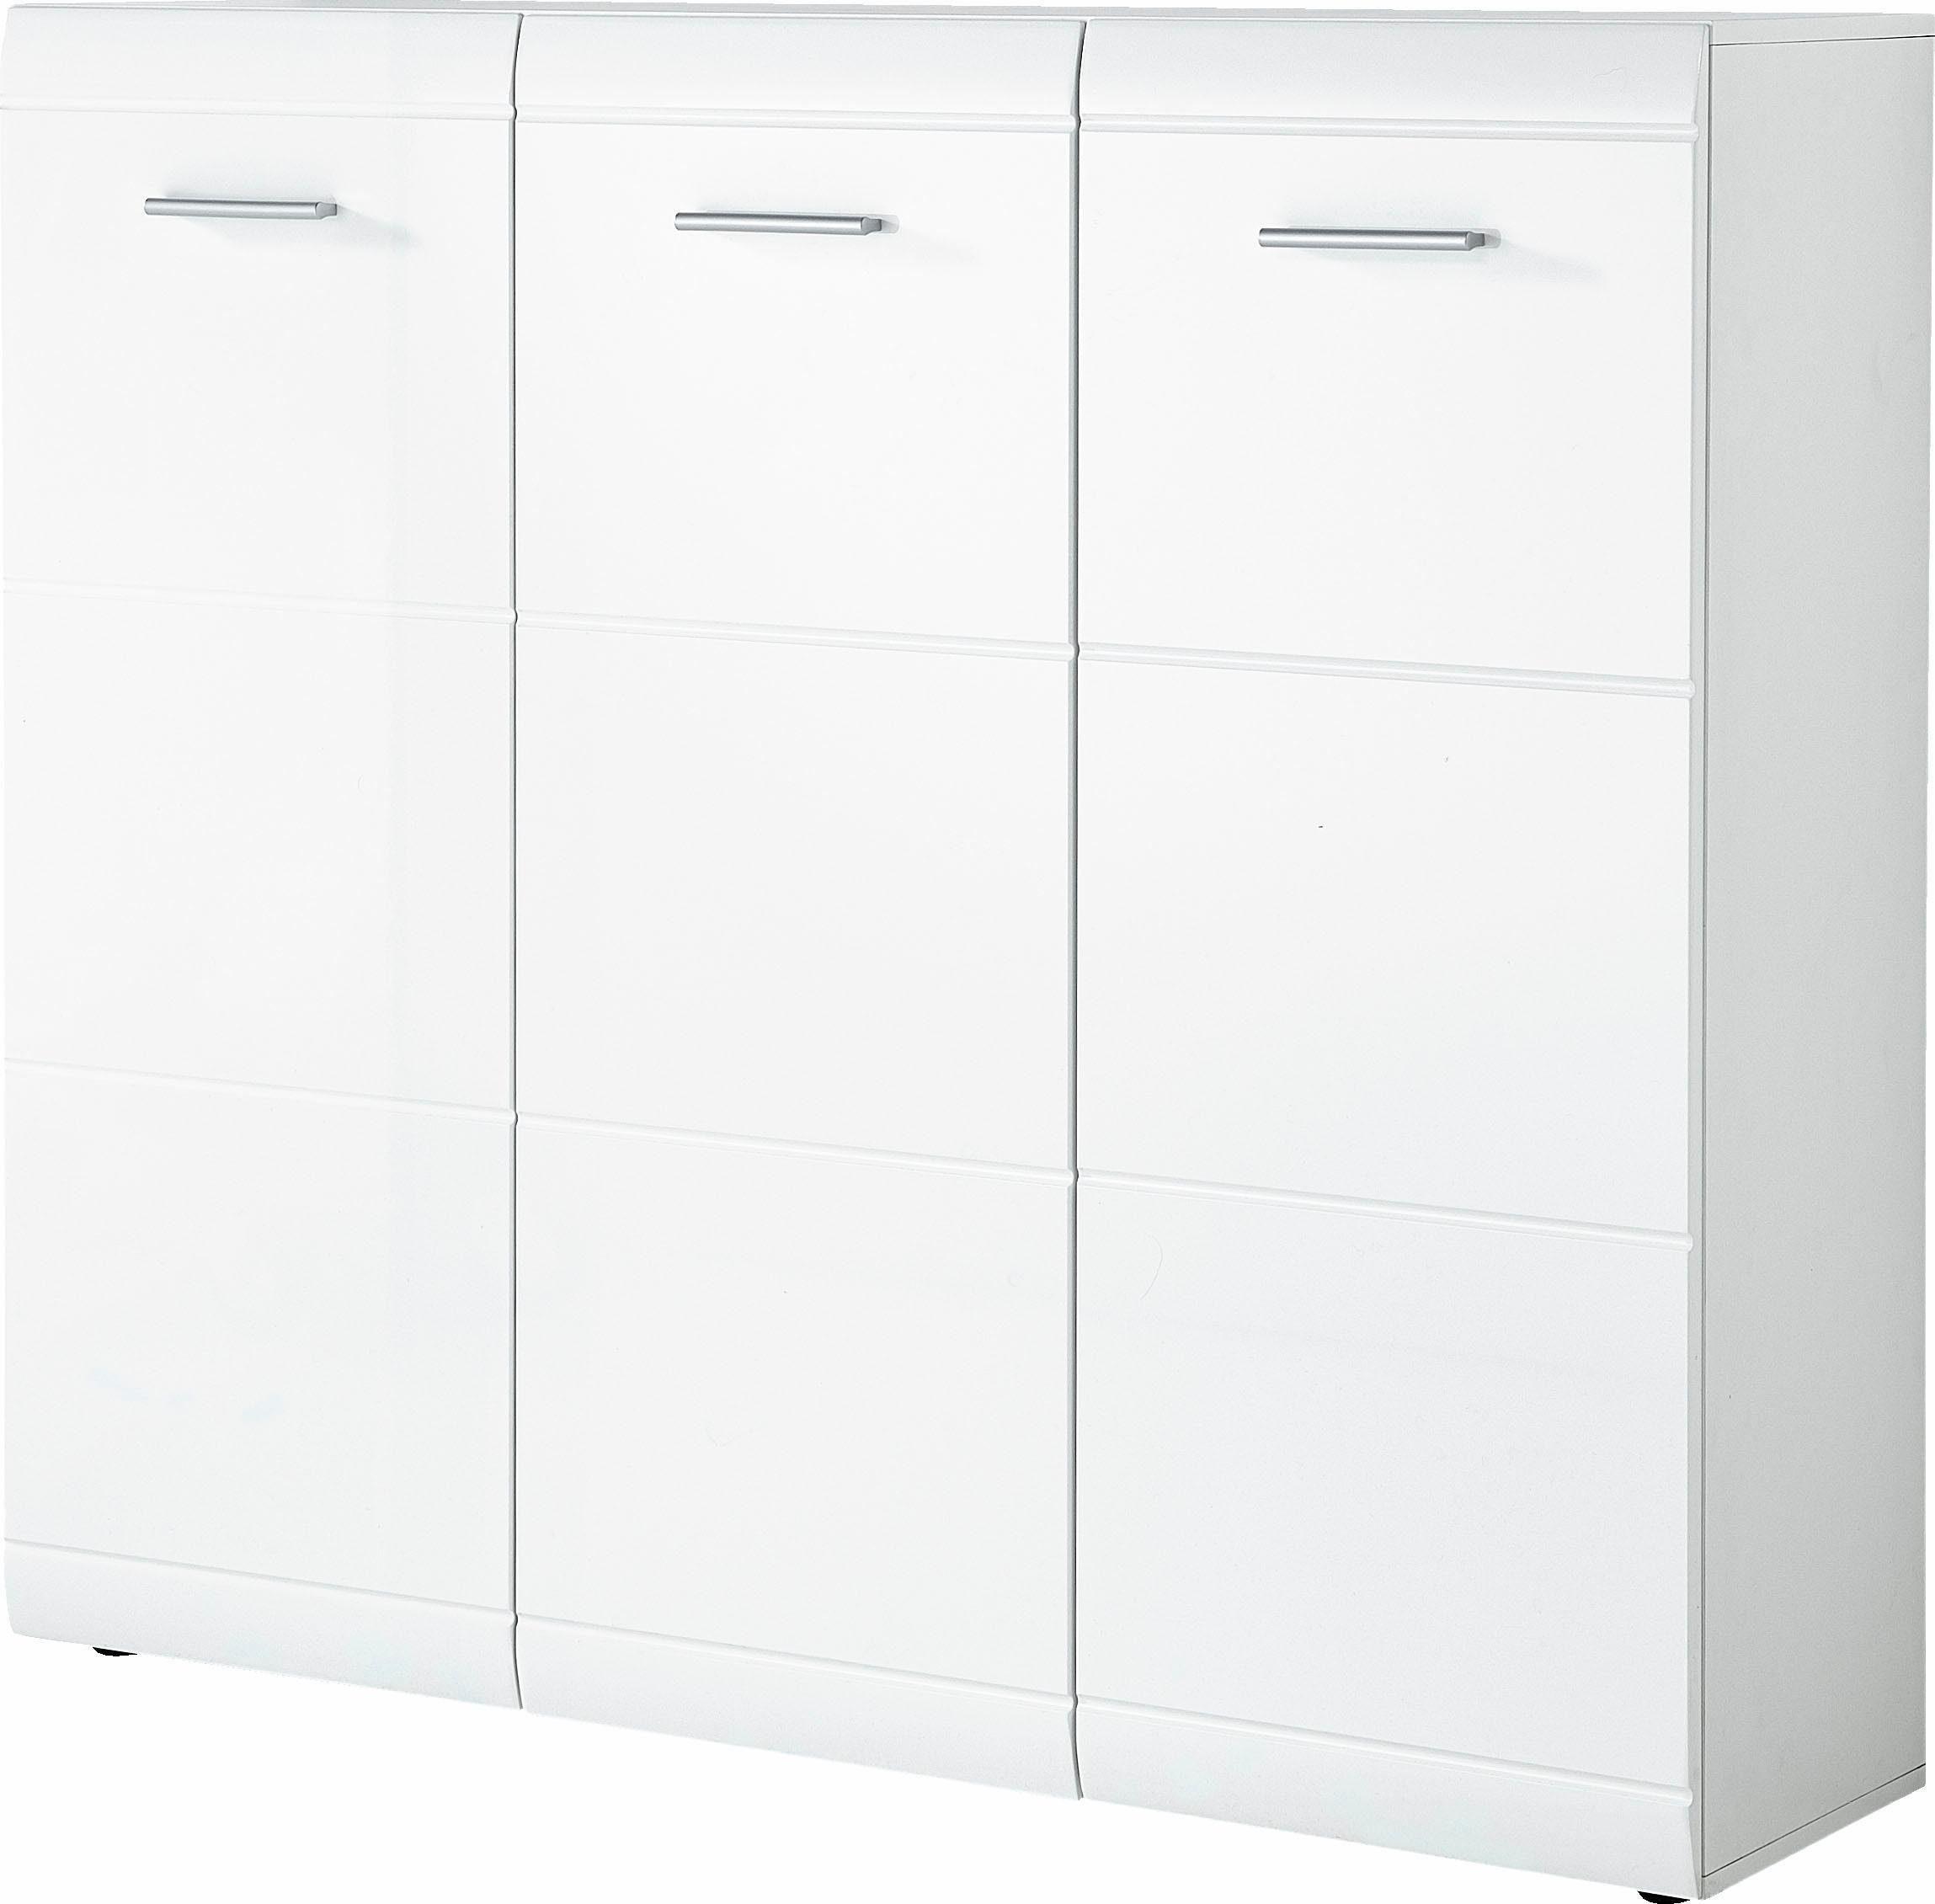 GERMANIA Schuhschrank »Adana«, Breite 134 cm, mit 3 Türen